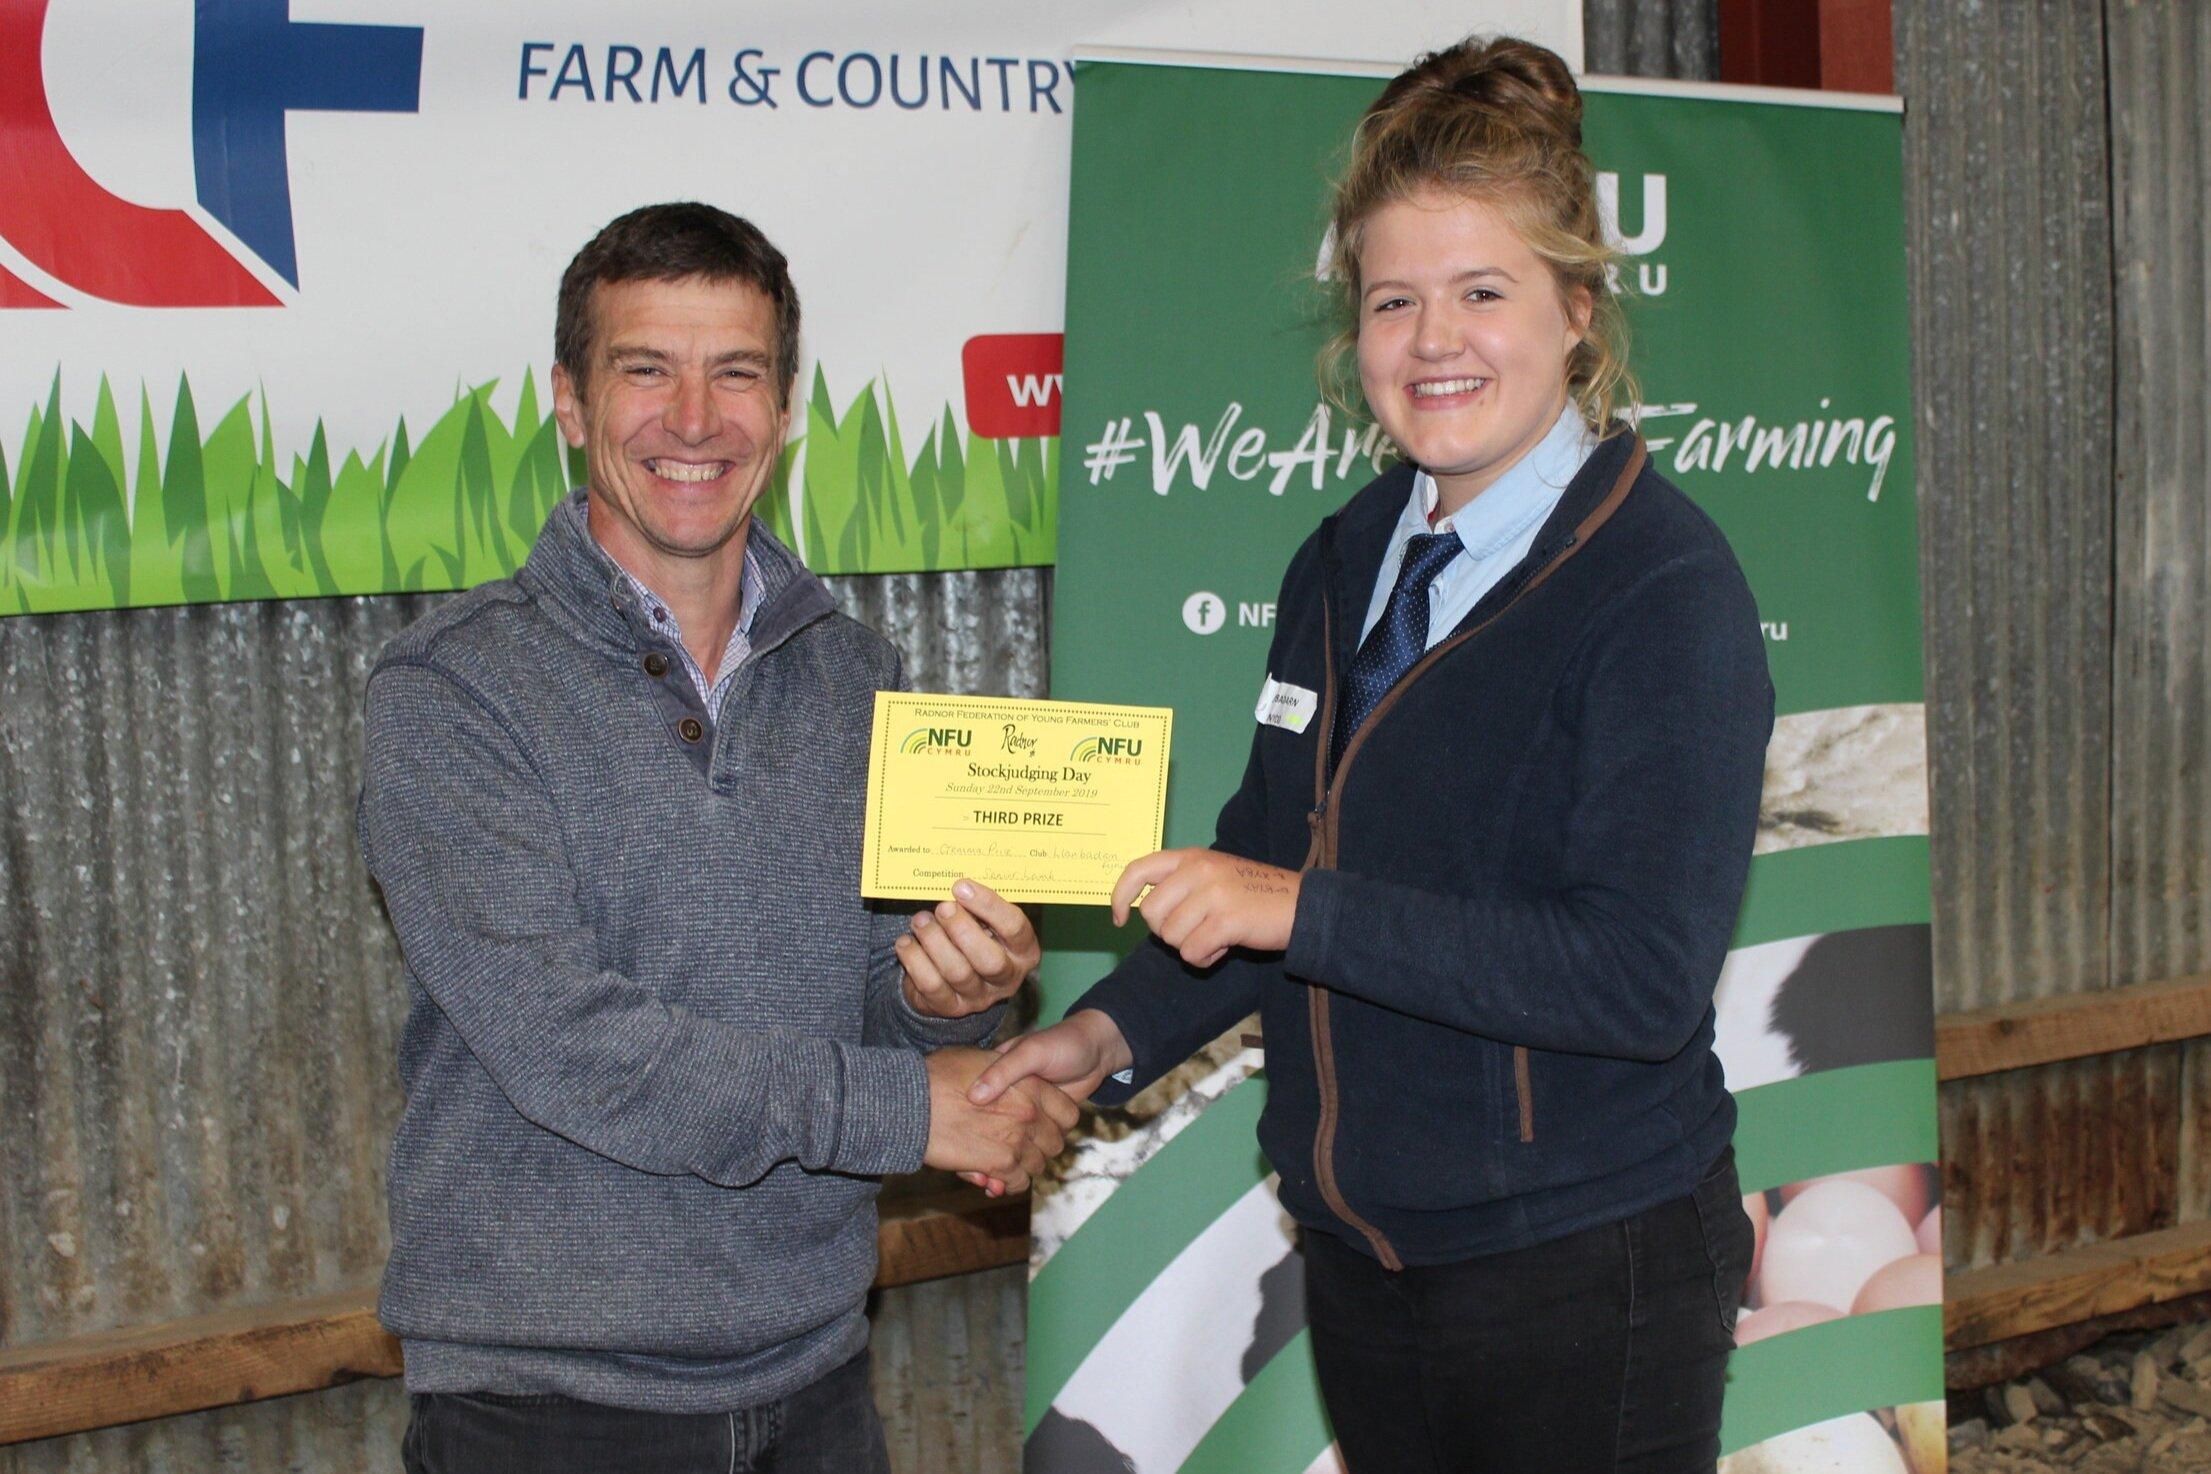 Gemma Price, Llanbadarn Fynydd YFC - joint 3rd in the Senior Lamb with Mark Watson.